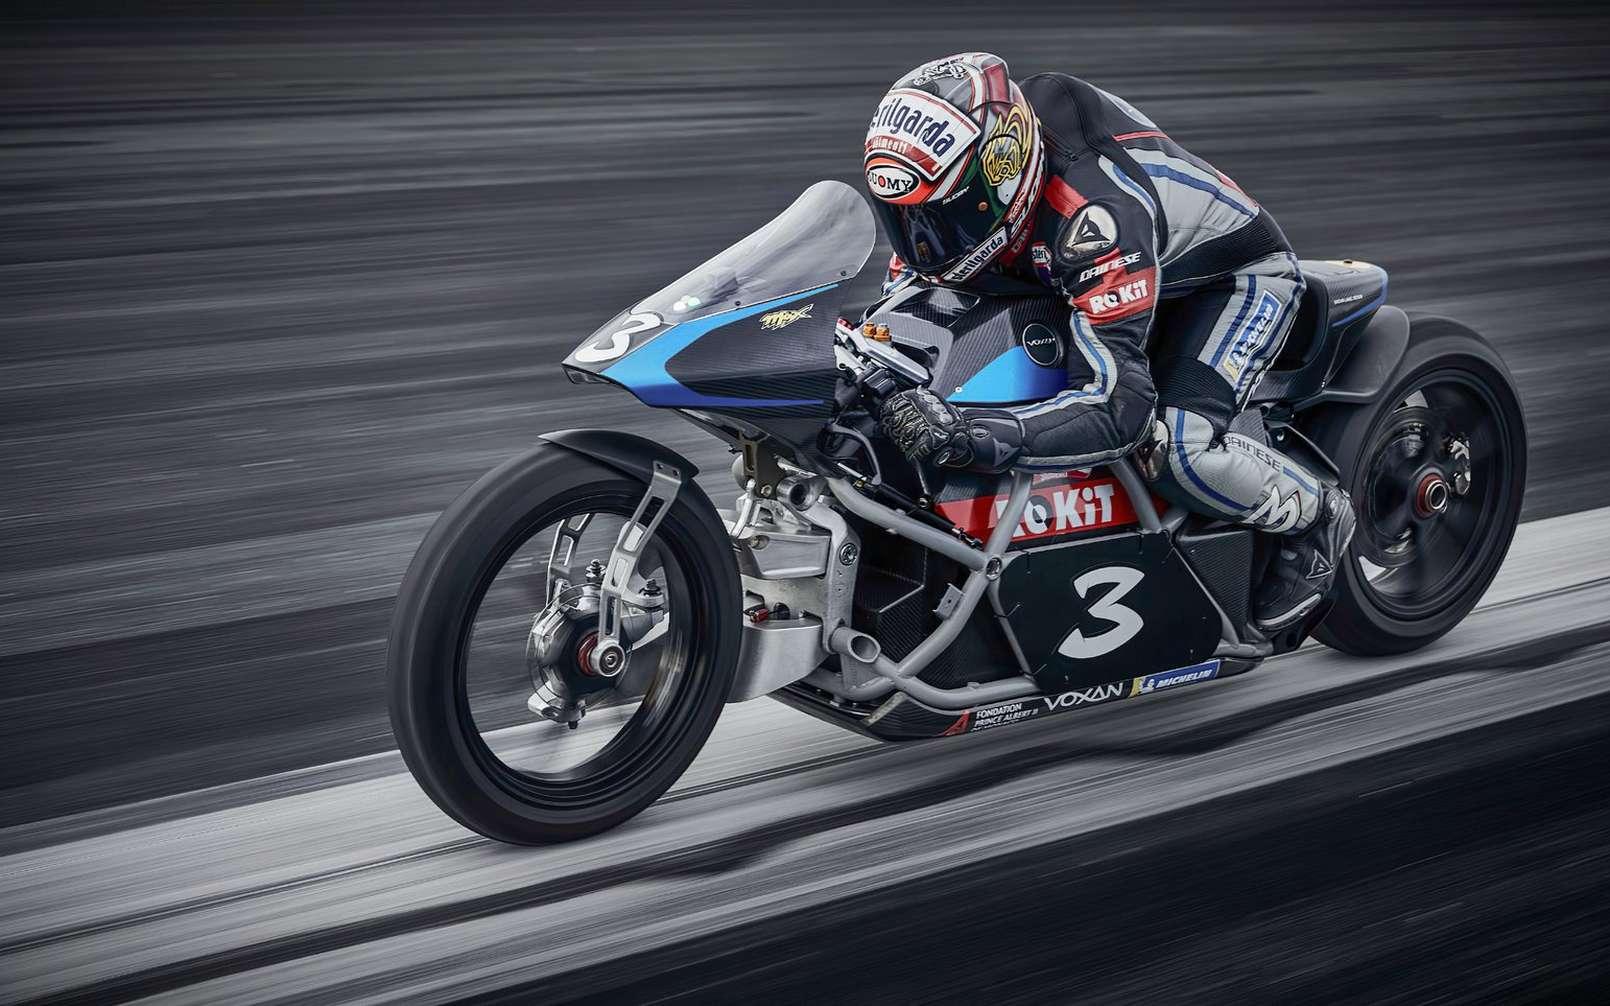 La Voxan Wattman avec à son guidon le sextuple champion du monde de moto Max Biaggi. © Voxan